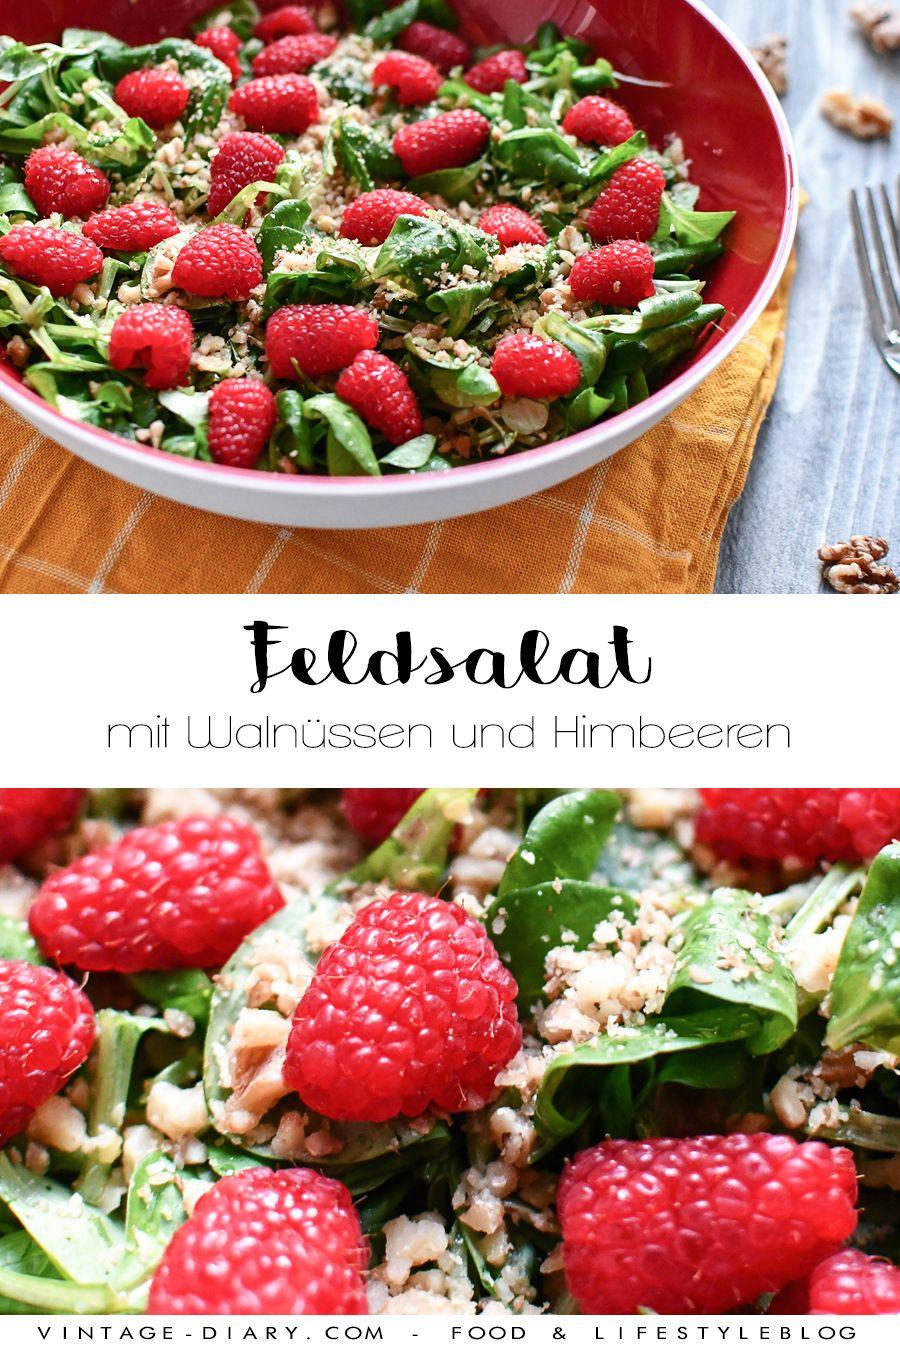 Feldsalat mit Walnüssen und Himbeeren - vintage-diary